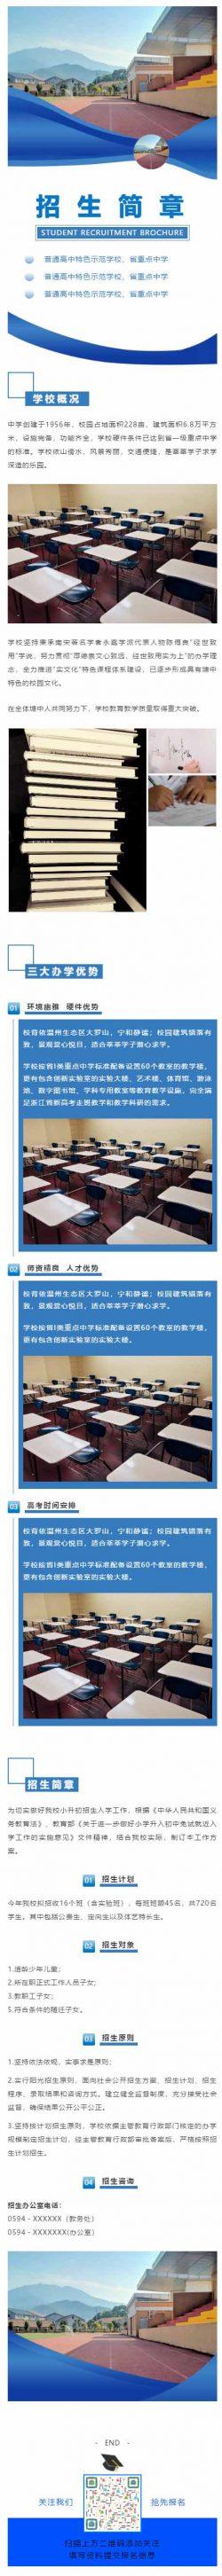 学校教育培训班暑期版招生章程招生简章微信公众号模板蓝色